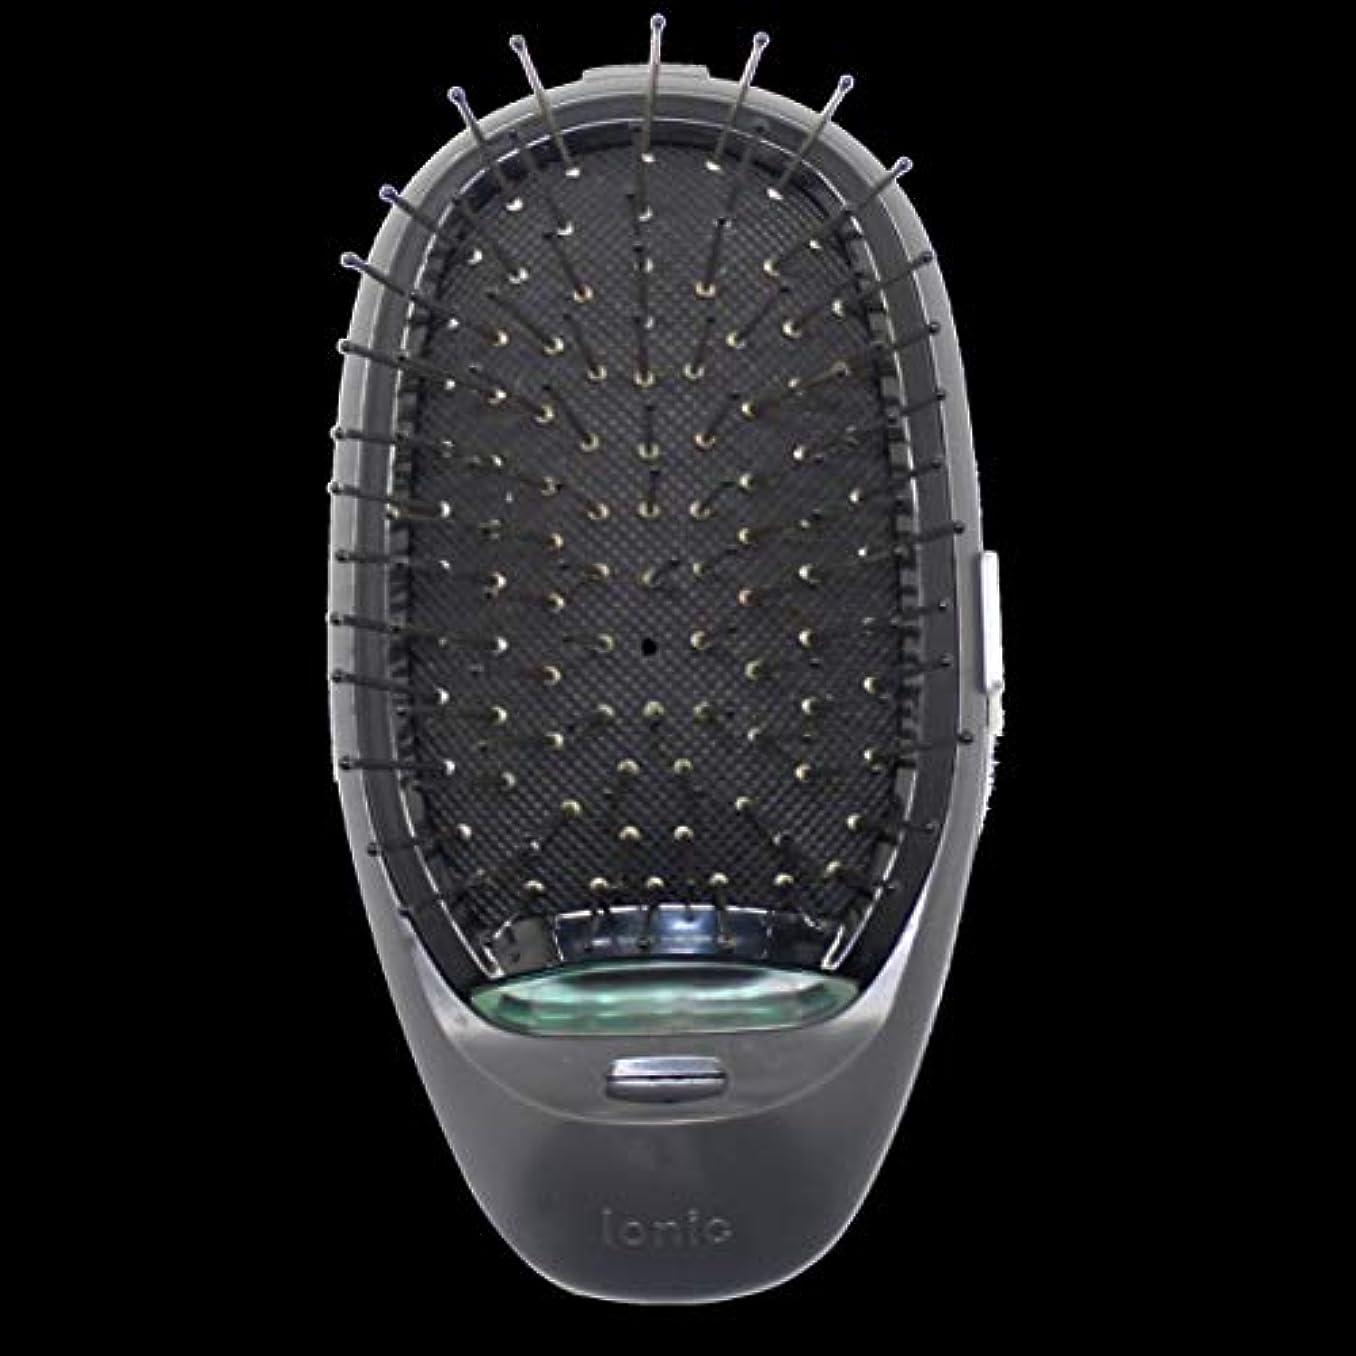 確保するやけどエアコン電動マッサージヘアブラシミニマイナスイオンヘアコム3Dインフレータブルコーム帯電防止ガールズヘアブラシ電池式 - ブラック